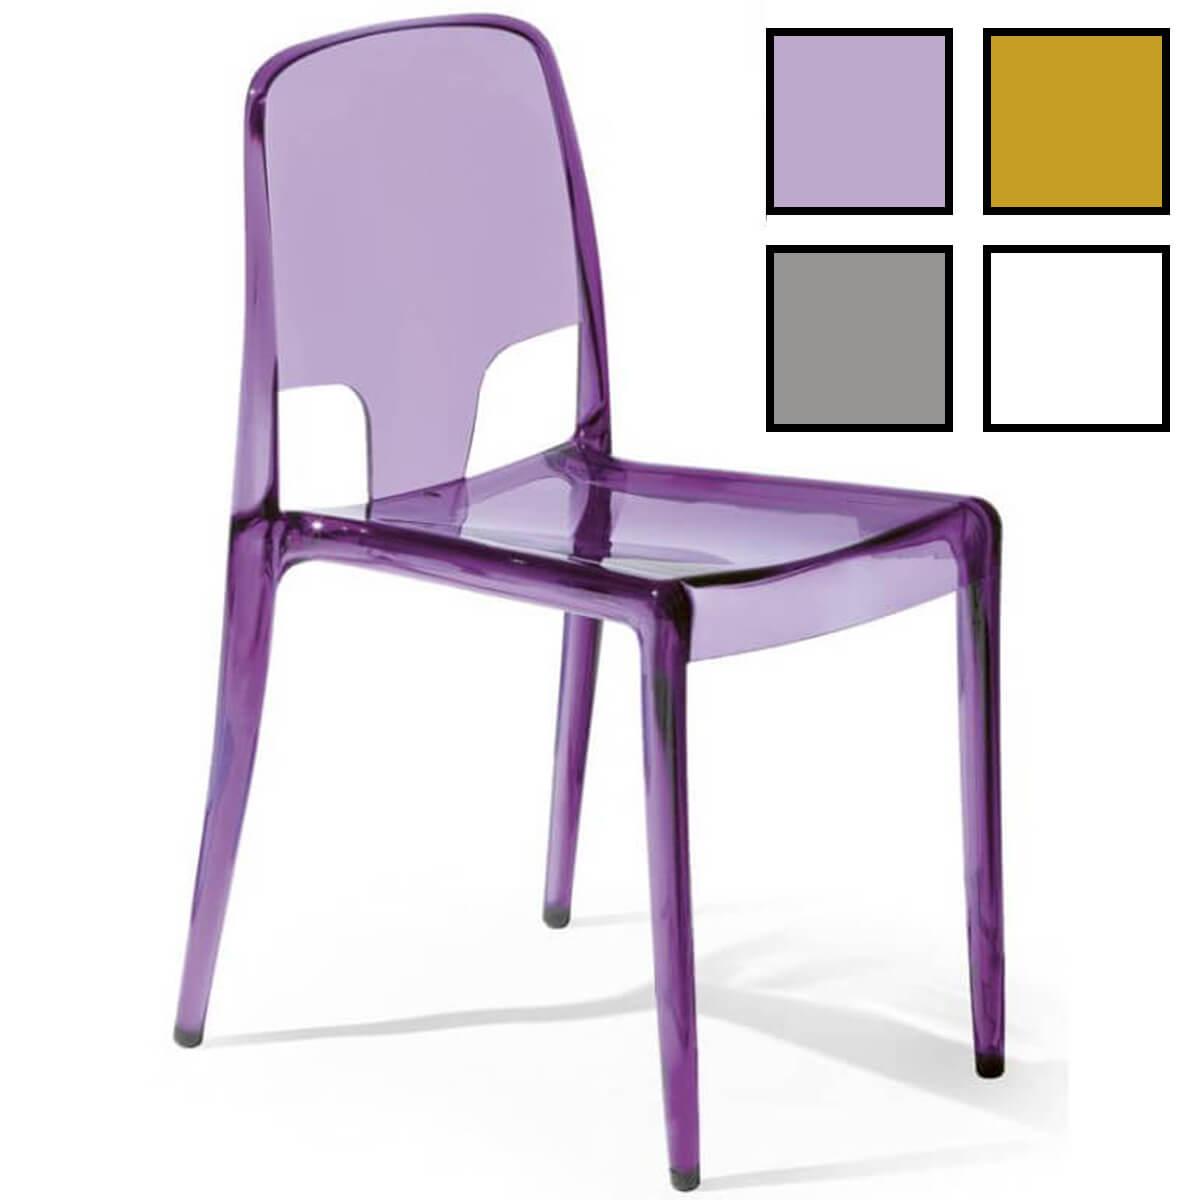 jinju chaise design en plastique transparent colore violette